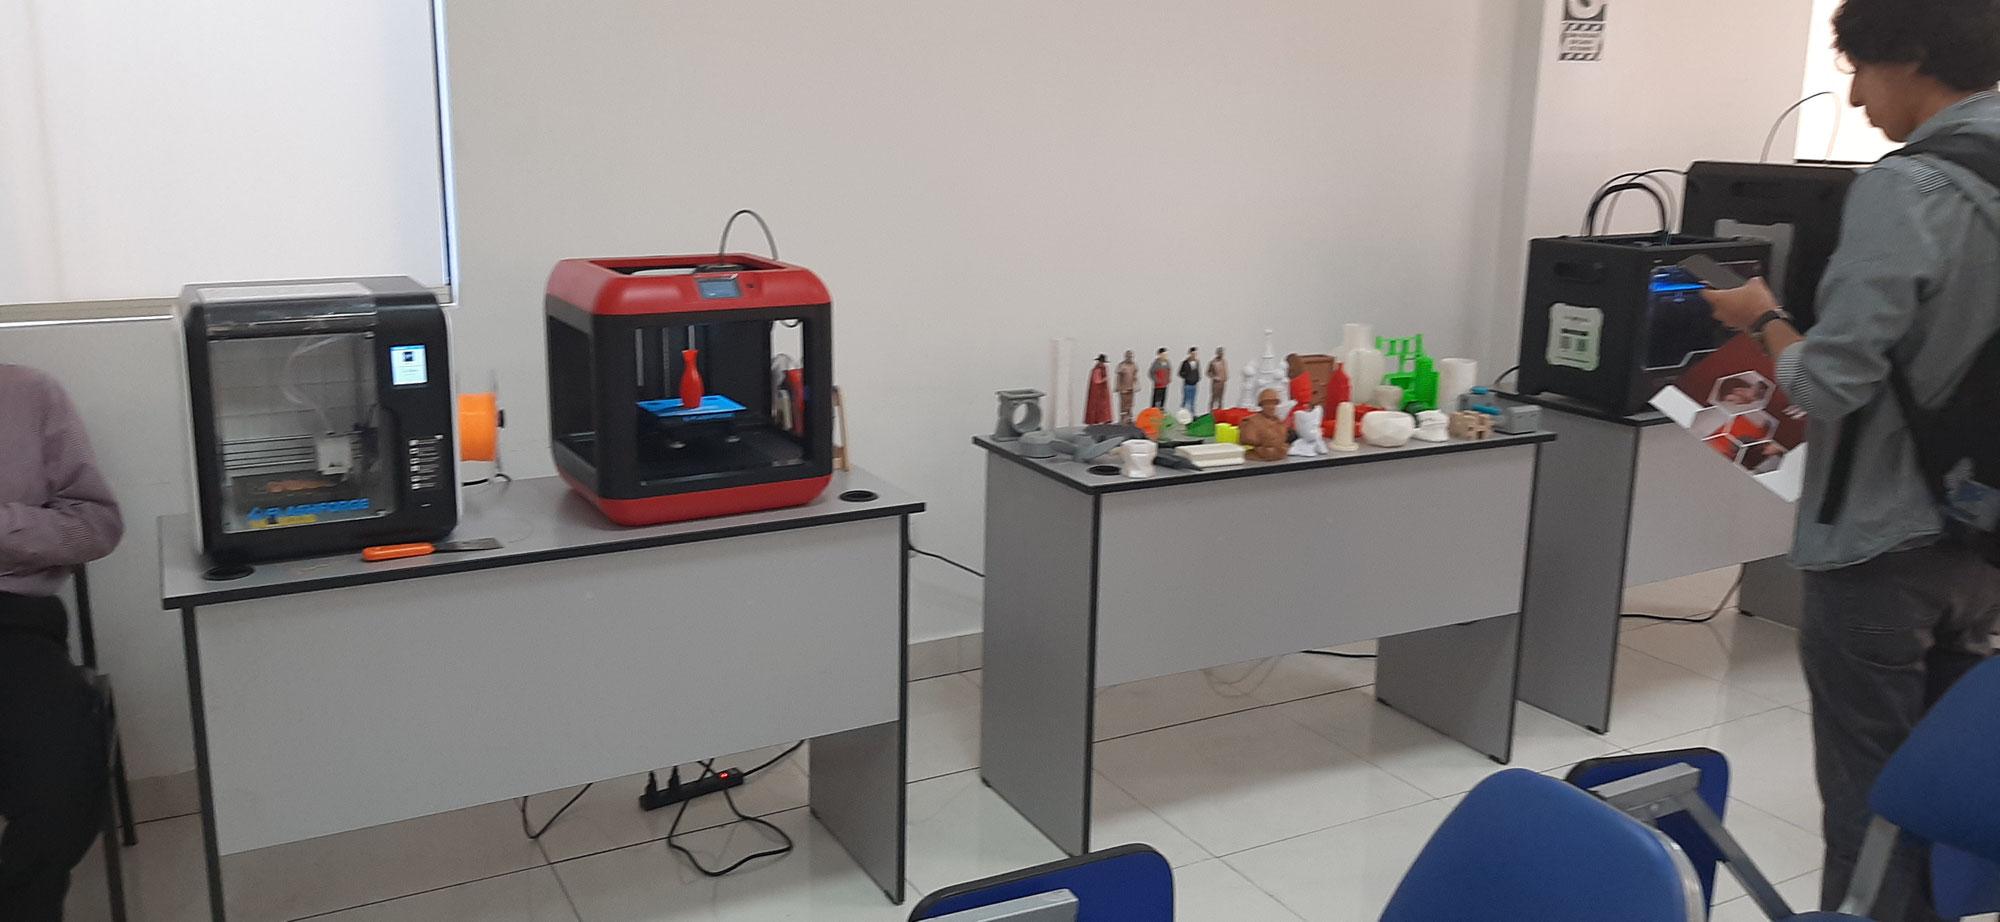 Entrevista. Tecnología de Impresión 3D en el mercado Peruano